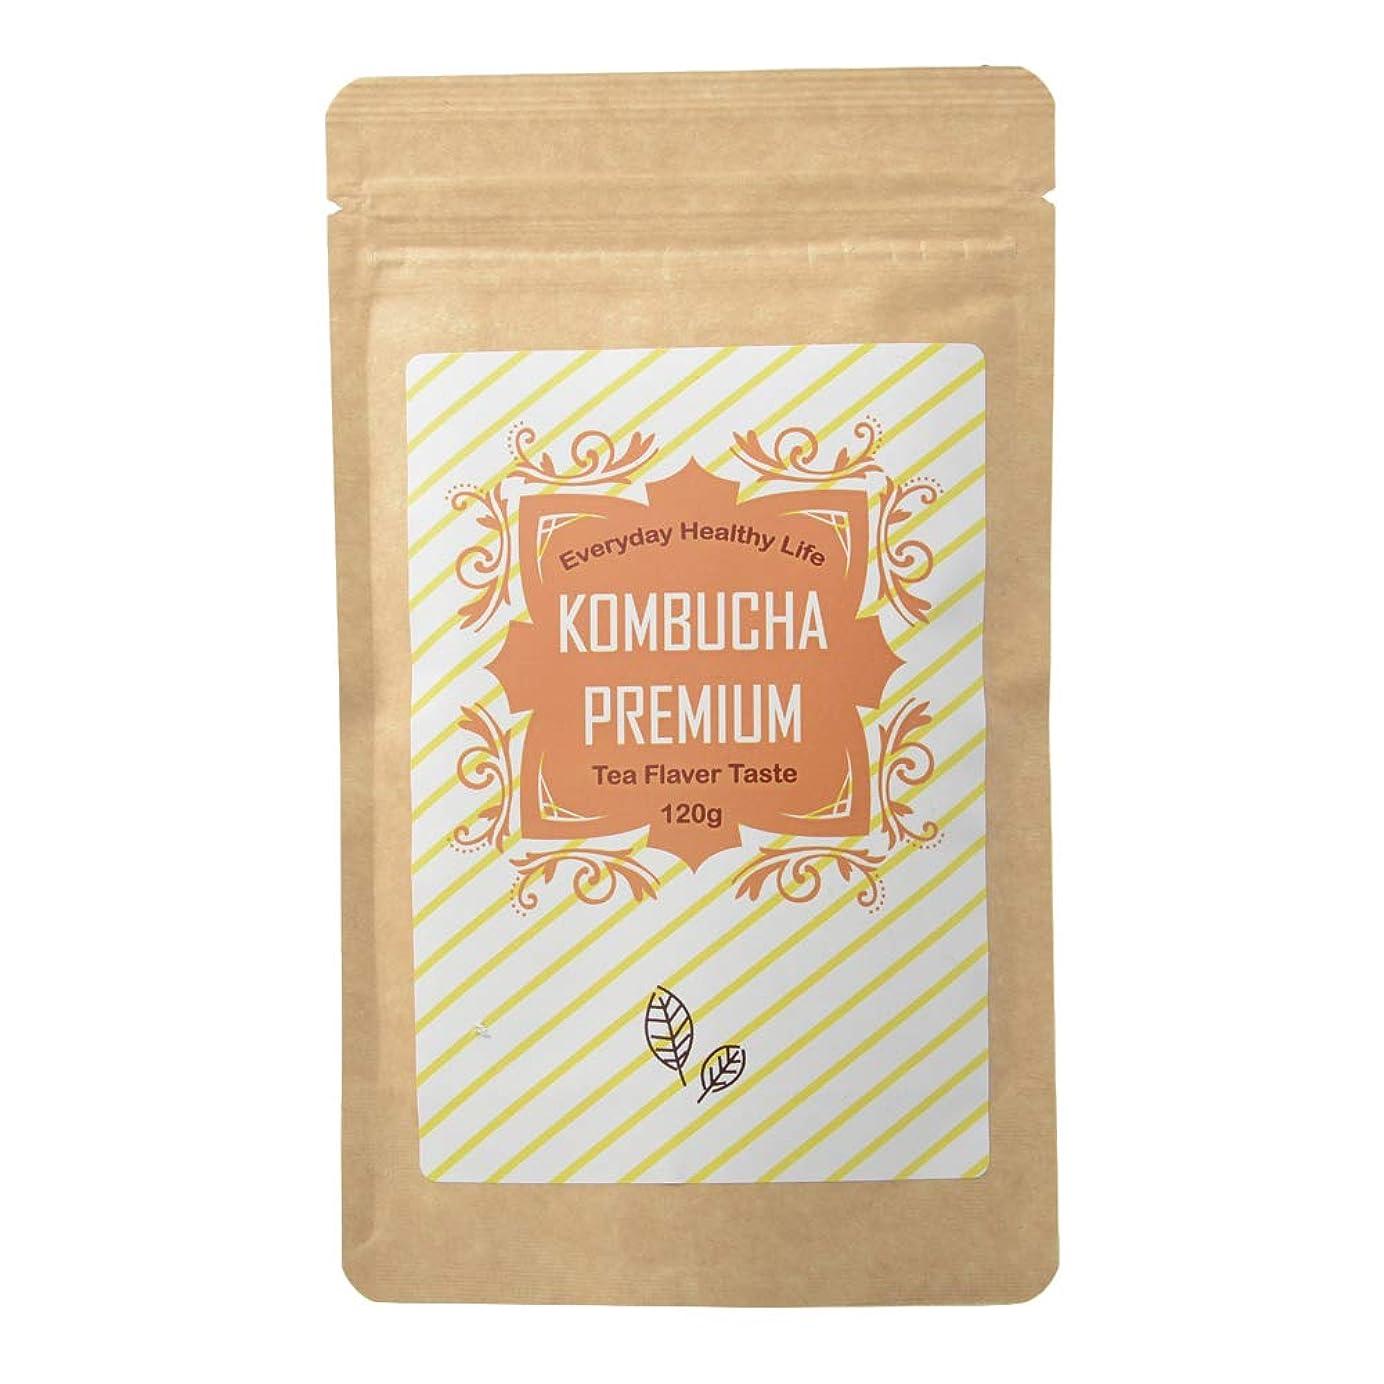 ホイッスル可塑性ルーフコンブチャプレミアム (KOMBUCHA PREMIUM) ストレートティー味 日本製 粉末 飲料 [内容量120g /説明書付き]